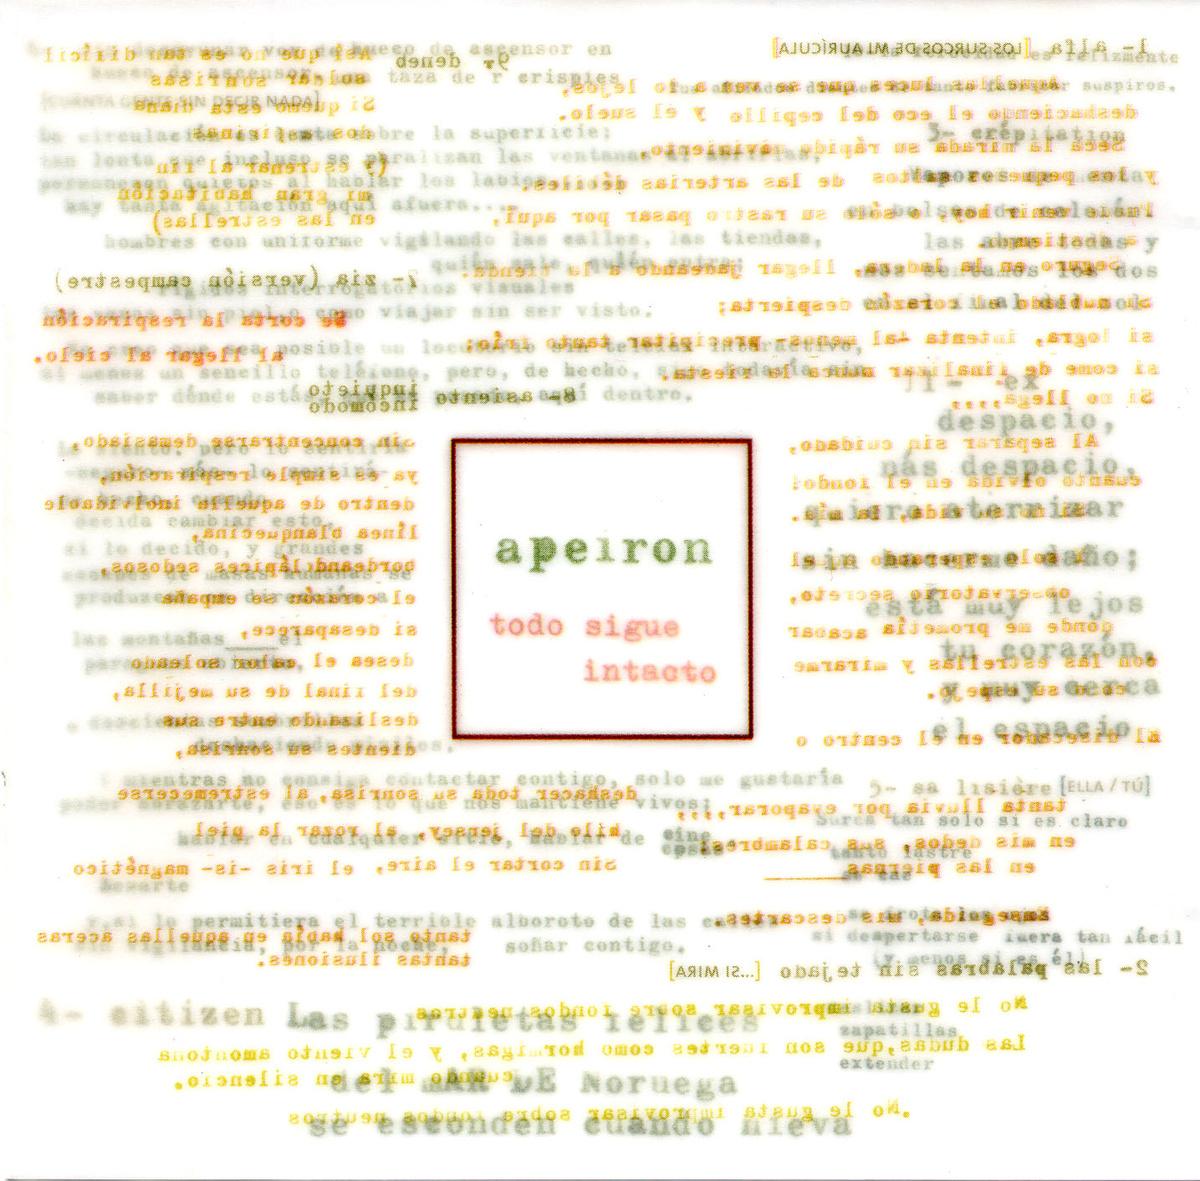 portada del album Todo Sigue Intacto